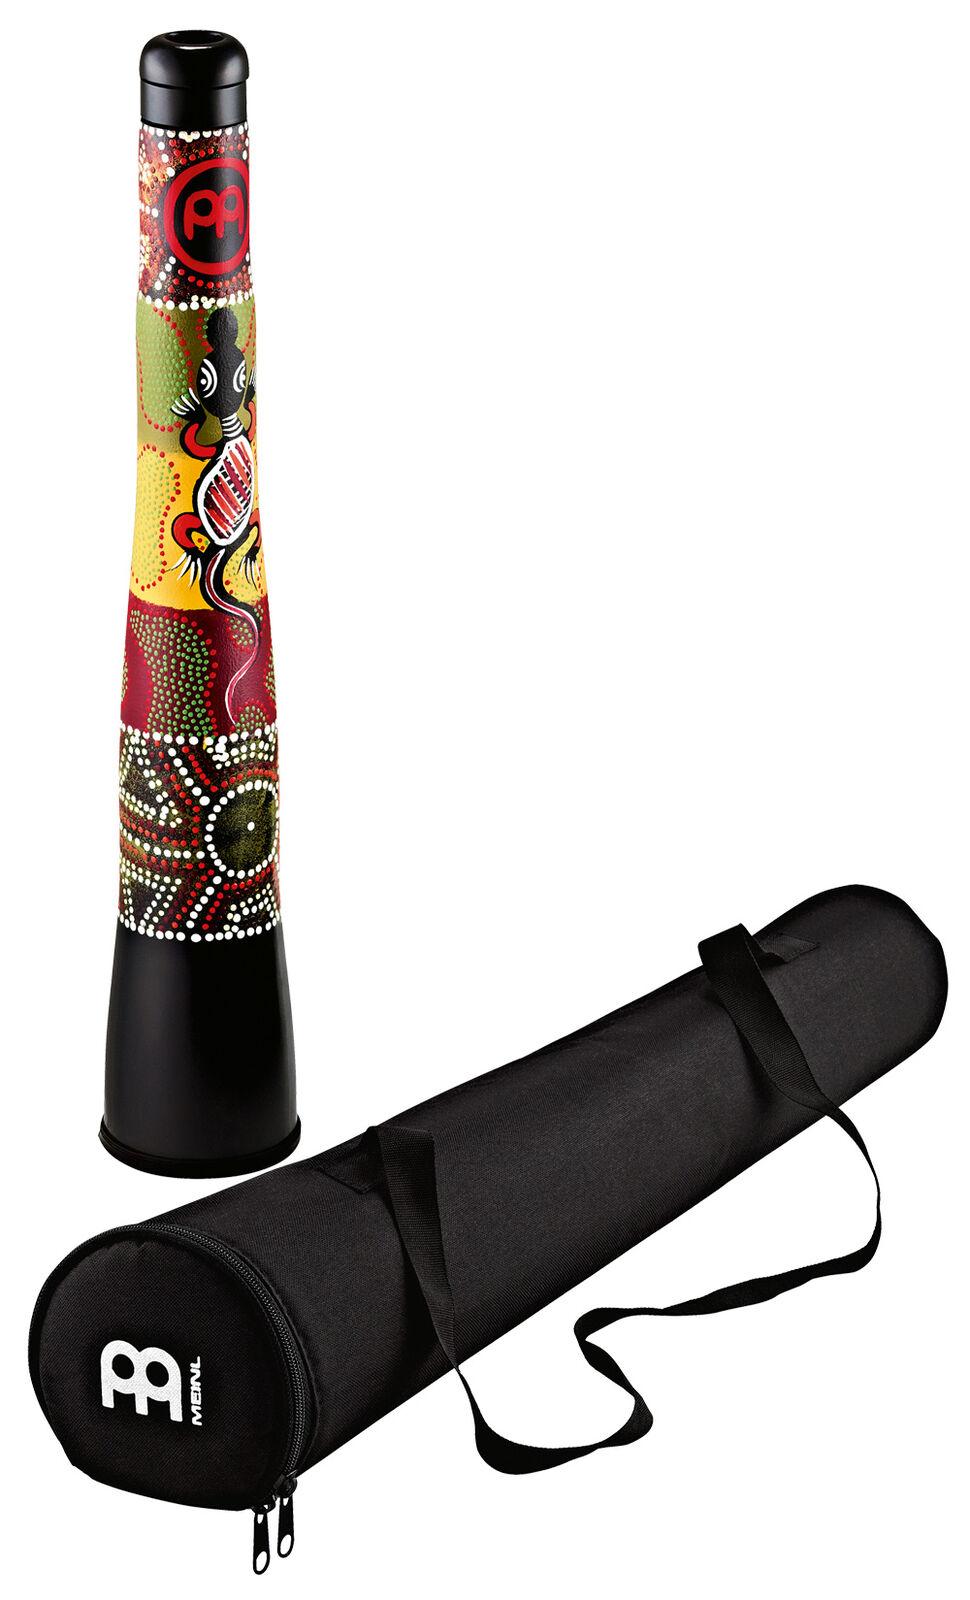 outlet Meinl tsddg 2-bk Slide Slide Slide Travel didgeridoo estensibile  100% autentico